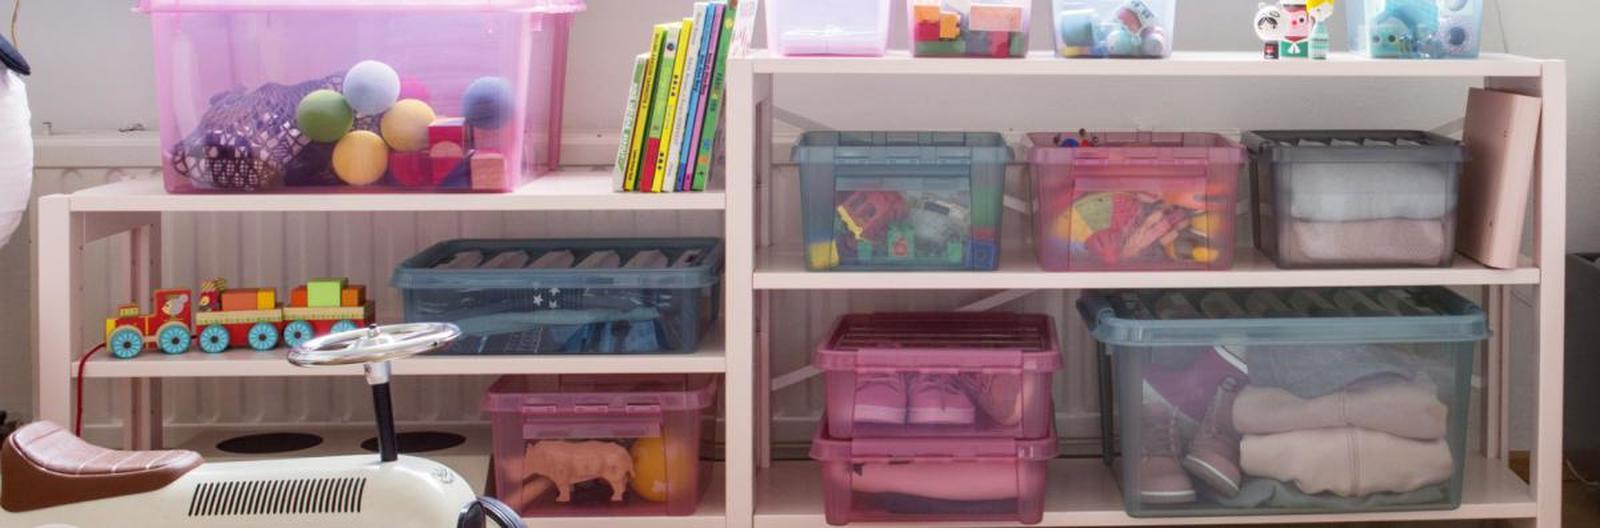 Full Size of Kinderzimmer Aufbewahrungsboxen Aufbewahrungsregal Aufbewahrungssysteme Ikea Aufbewahrung Ideen Aufbewahrungskorb Grau Aufbewahrungsbehälter Küche Bett Mit Kinderzimmer Kinderzimmer Aufbewahrung